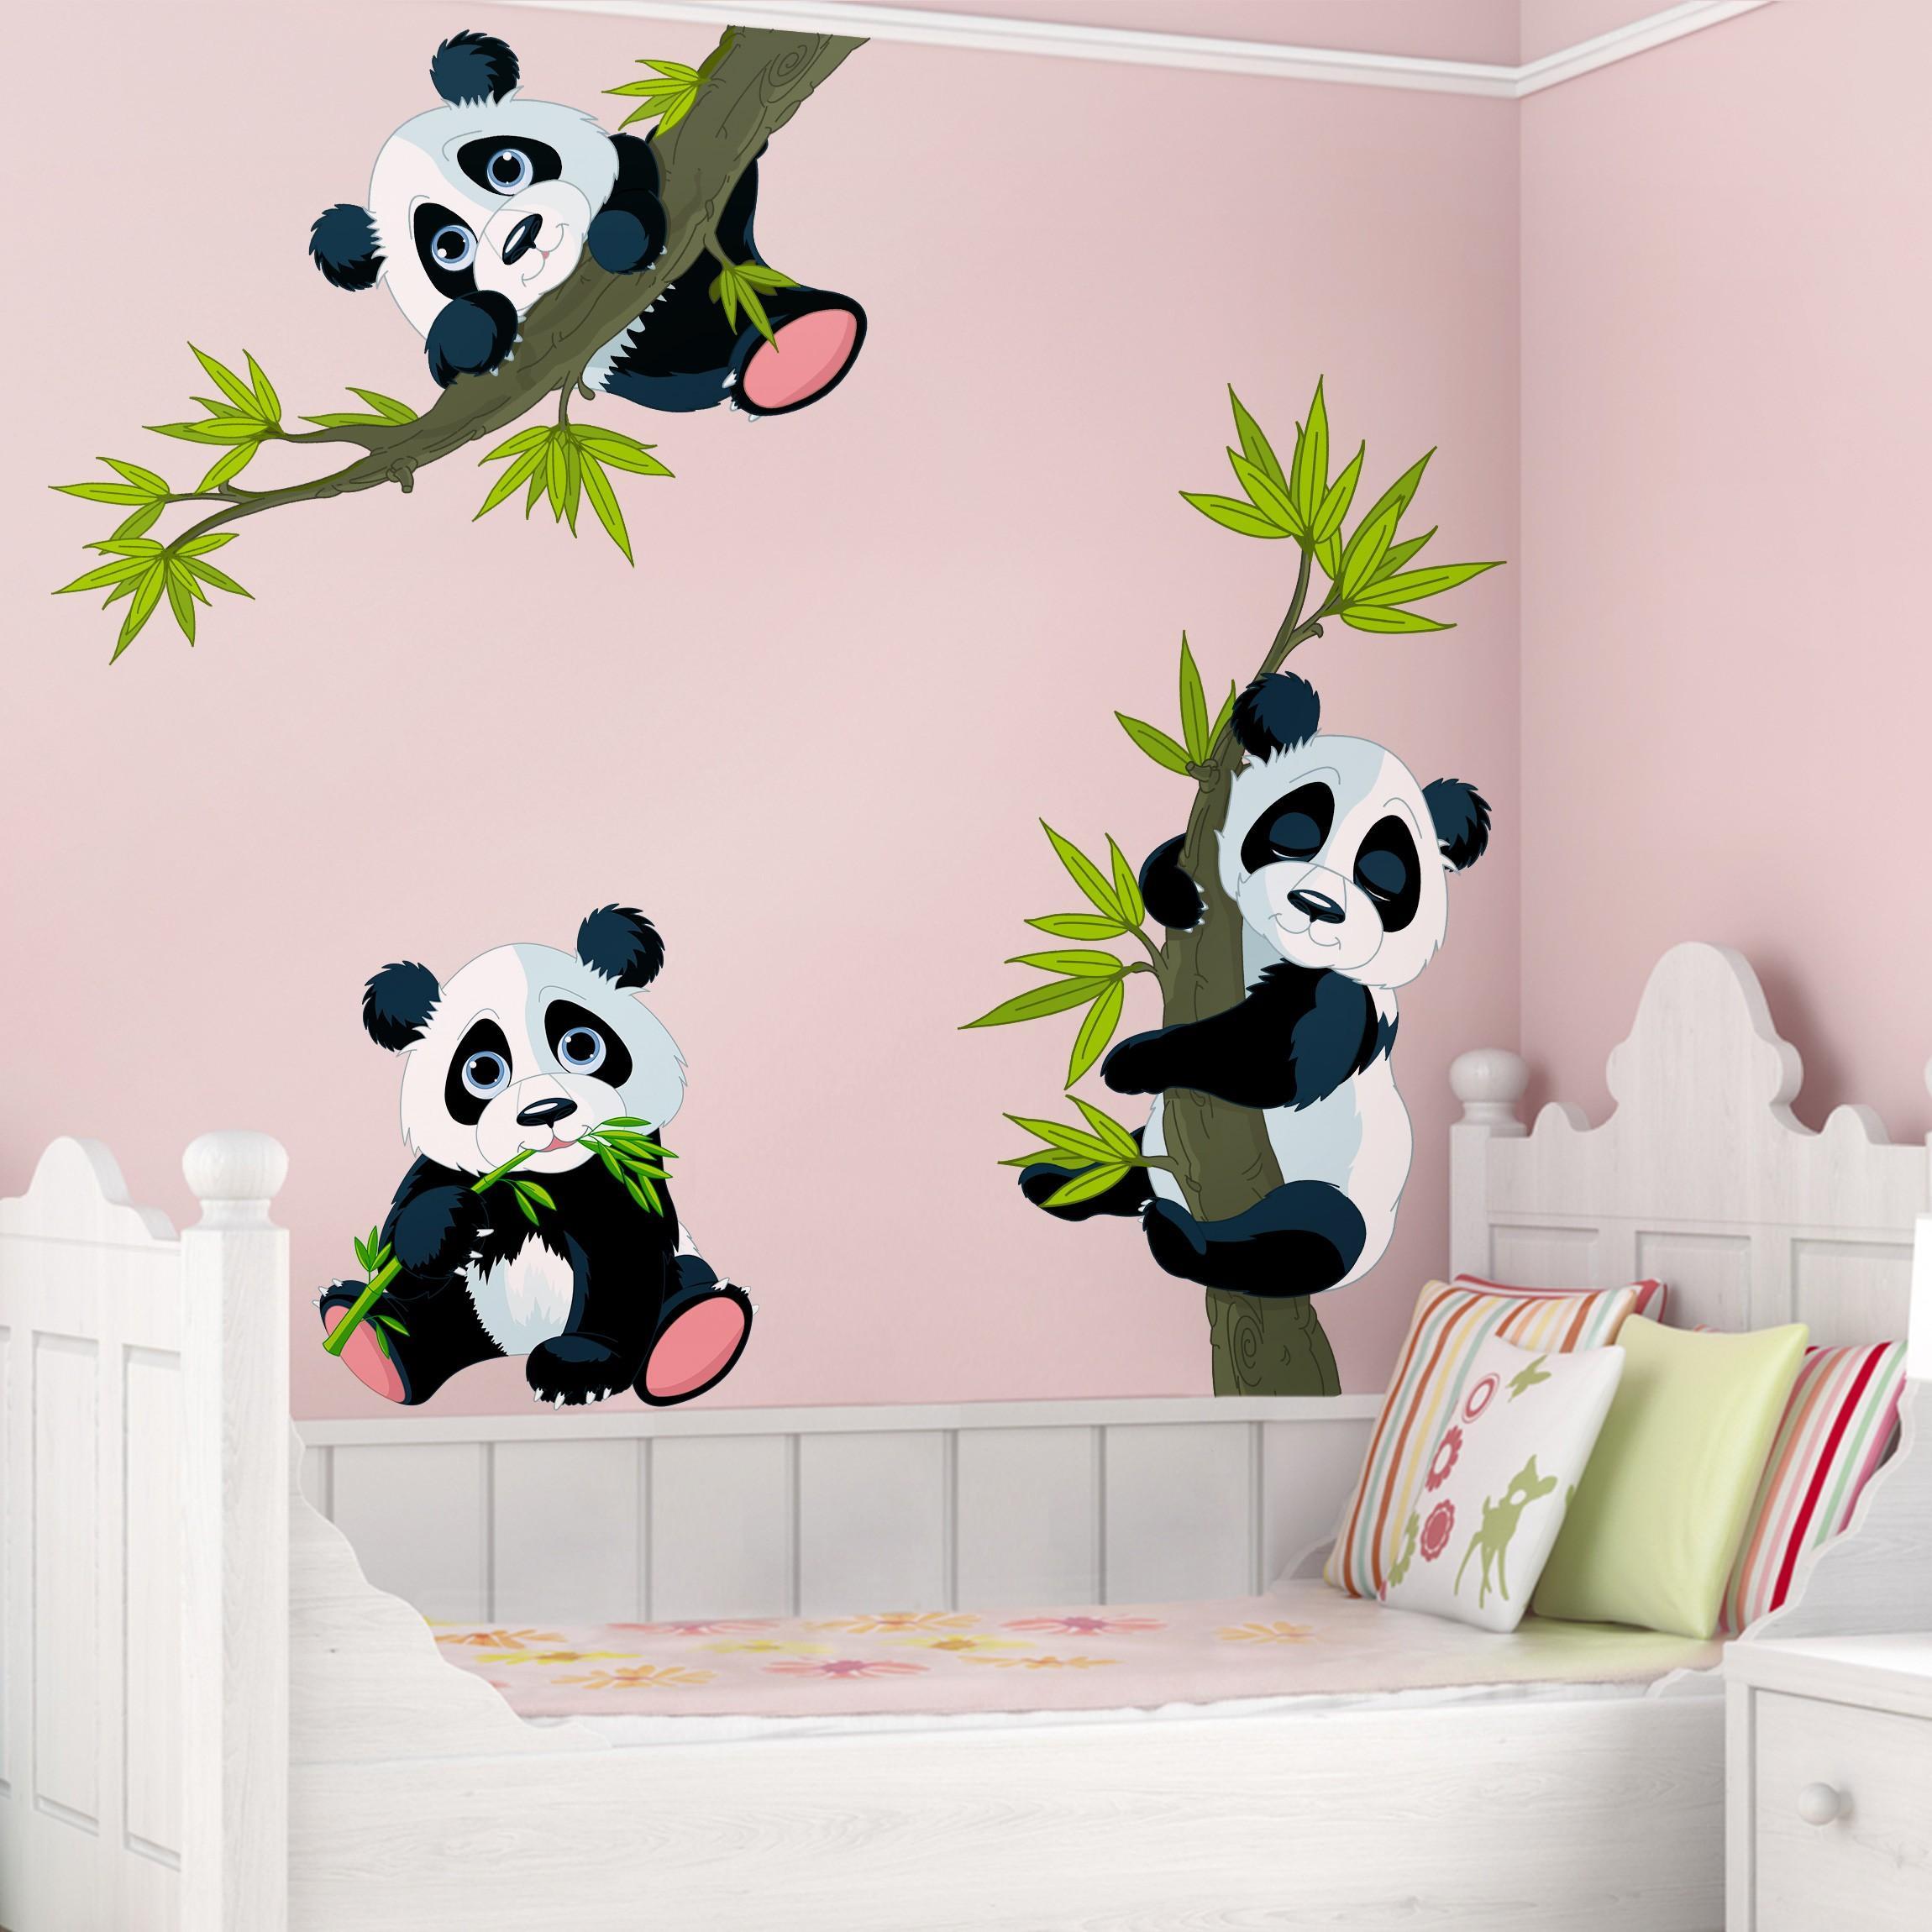 doplnky do bytu domu samolepky na stenu detsk izba samolepka na stenu panda 3 ks. Black Bedroom Furniture Sets. Home Design Ideas